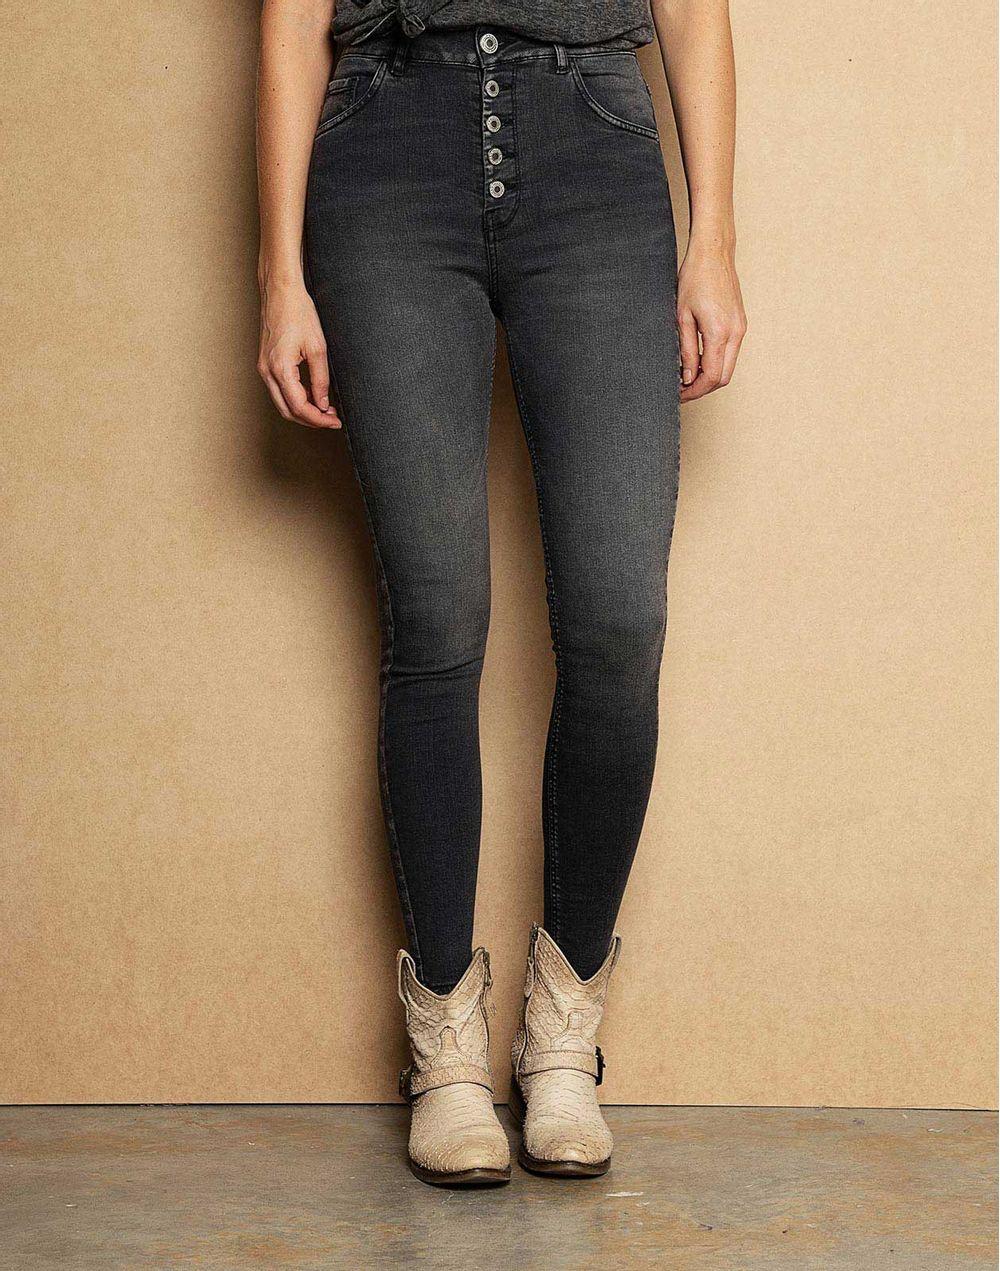 8225caf006 Black Denim High Waist Skinny Jeans Botones Externos Negro 14 Compra ...